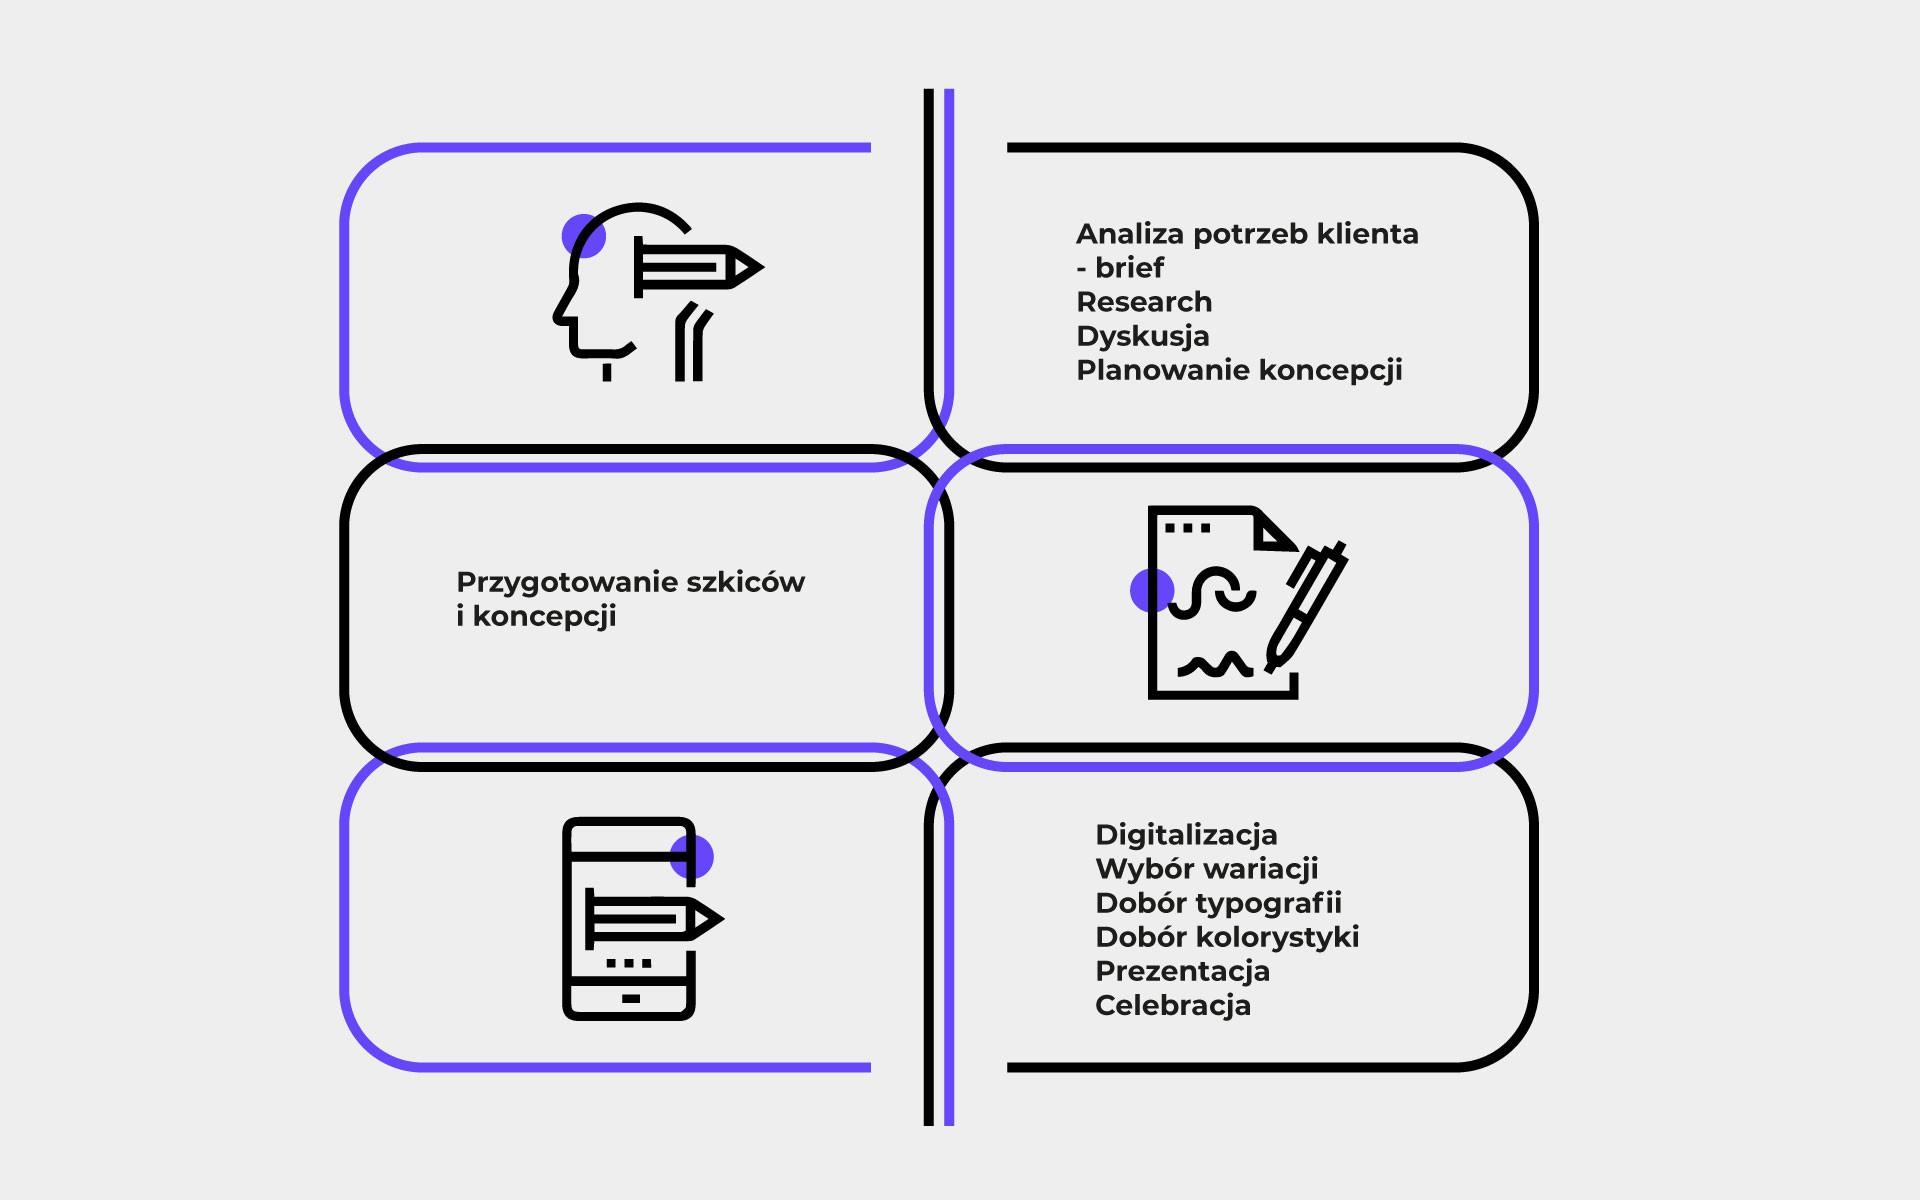 Projektowanie logo firmy - żelazne zasady dobrego logo. proces tworzenia logo 3